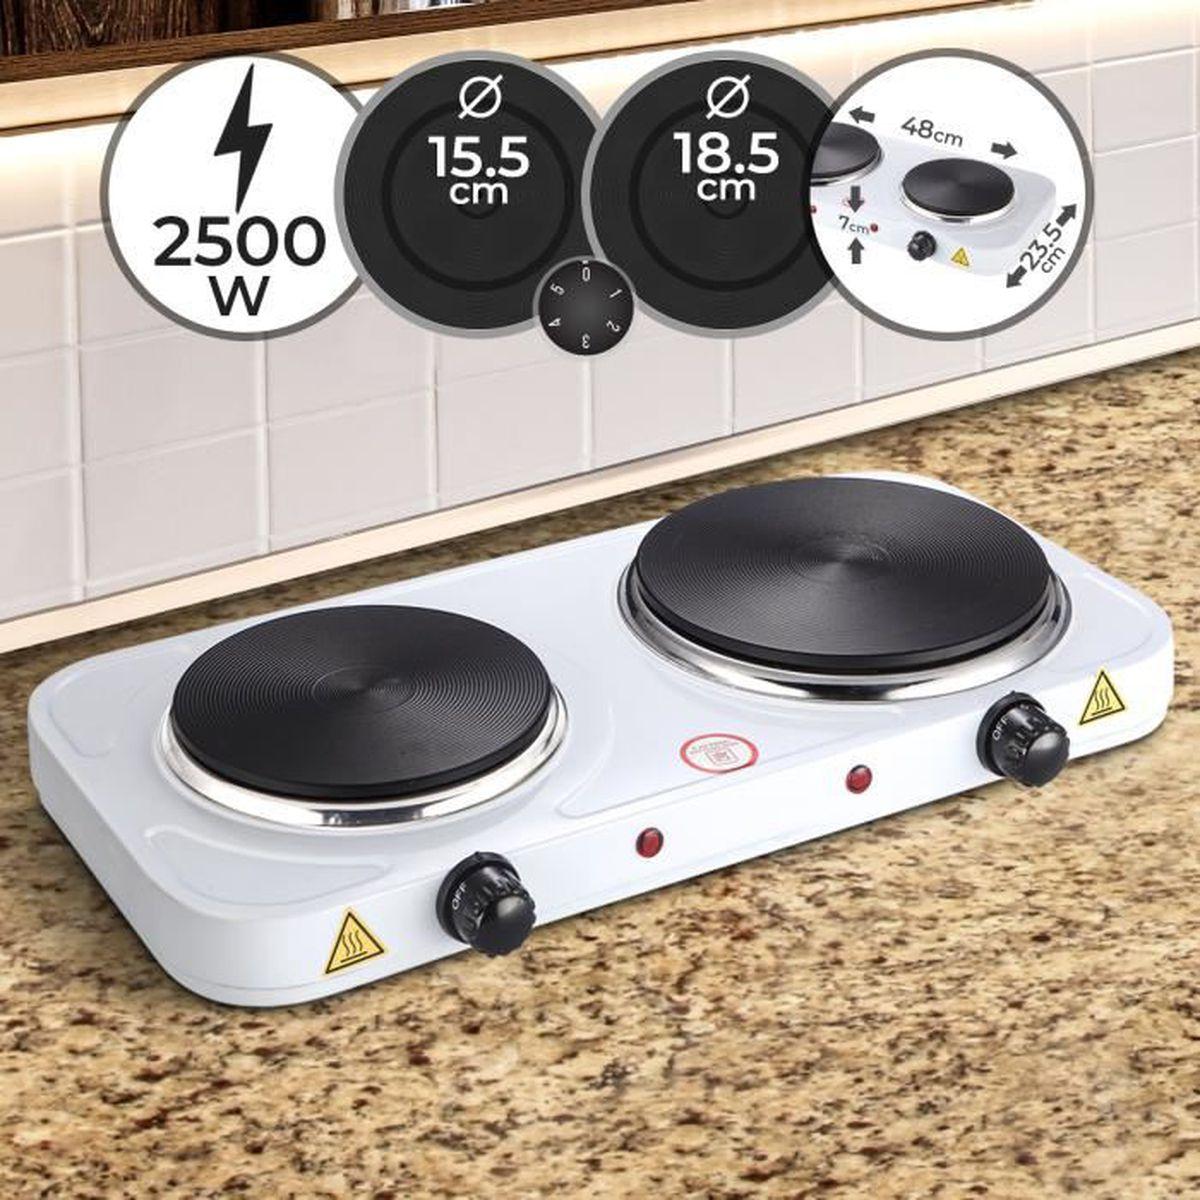 15,5 cm électrique de cuisson DESIGN-Double plaque chauffante Plaque de cuisson 2 plaques Ø 18,5